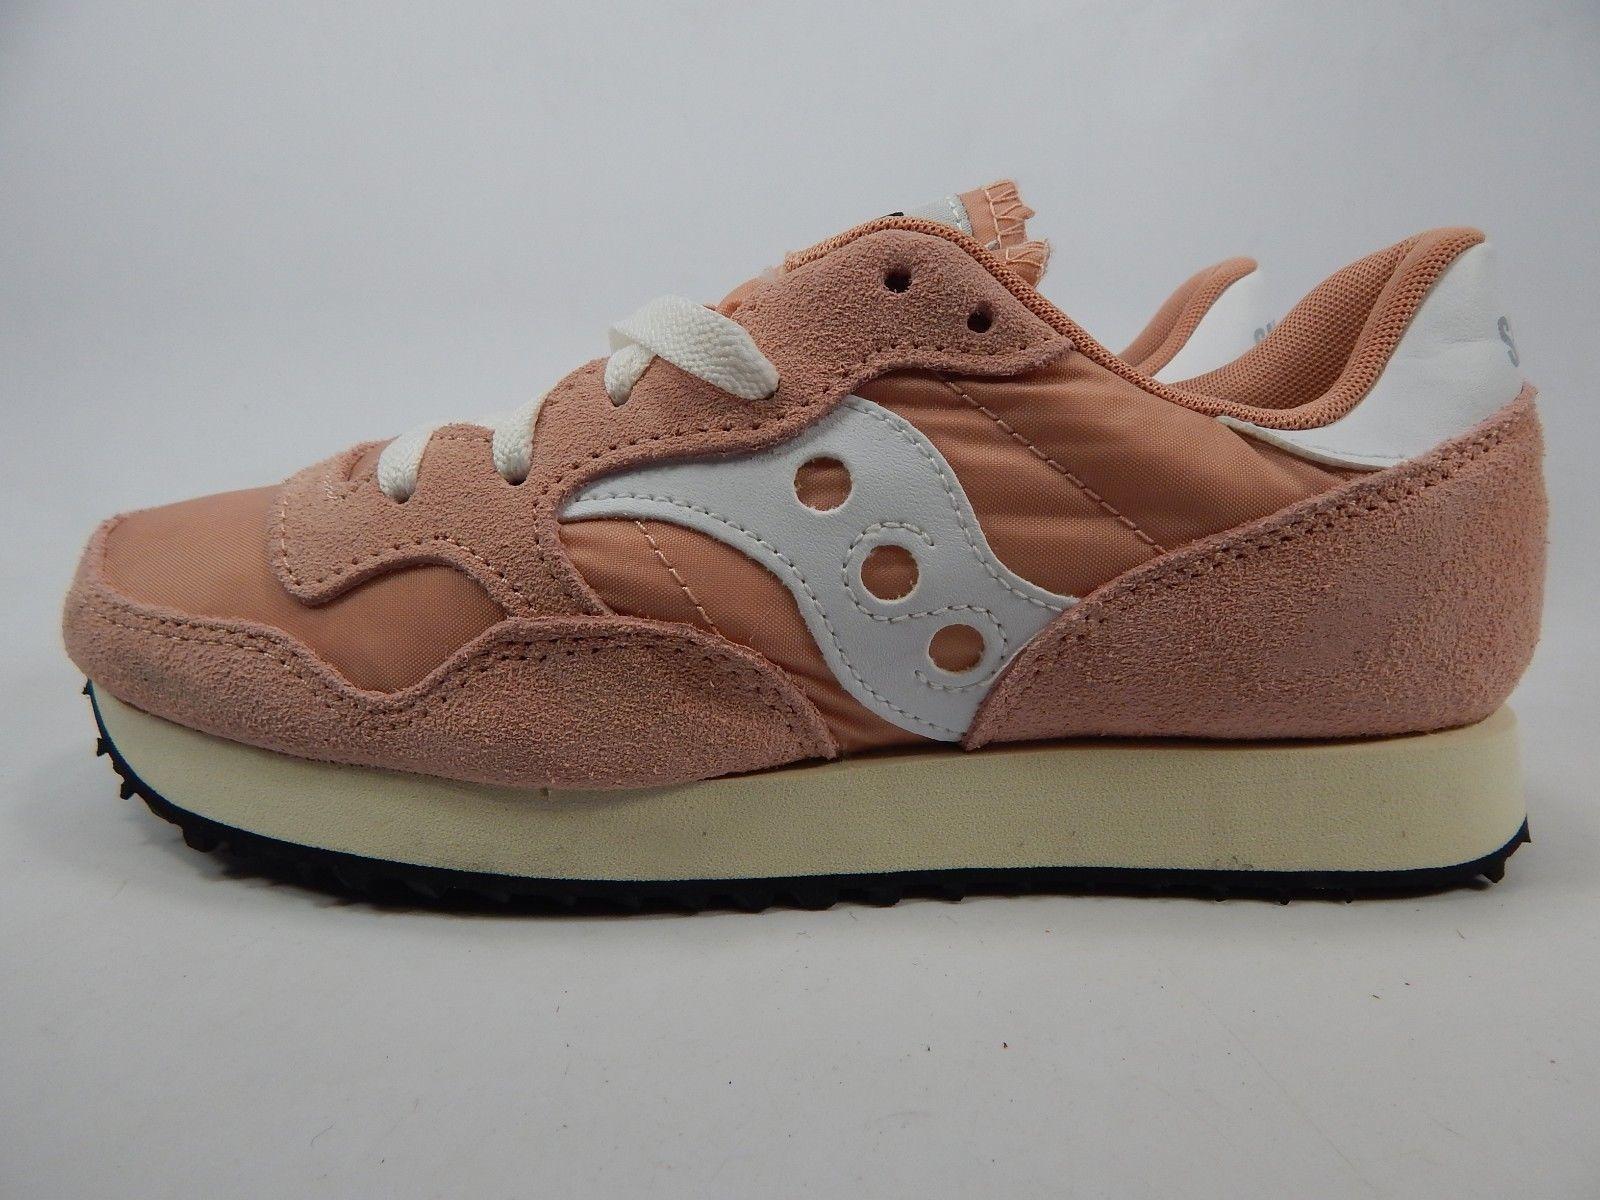 Saucony DXN Trainer Vintage SMU Original S60369-23 Women's Shoes Size 7 M EU 38